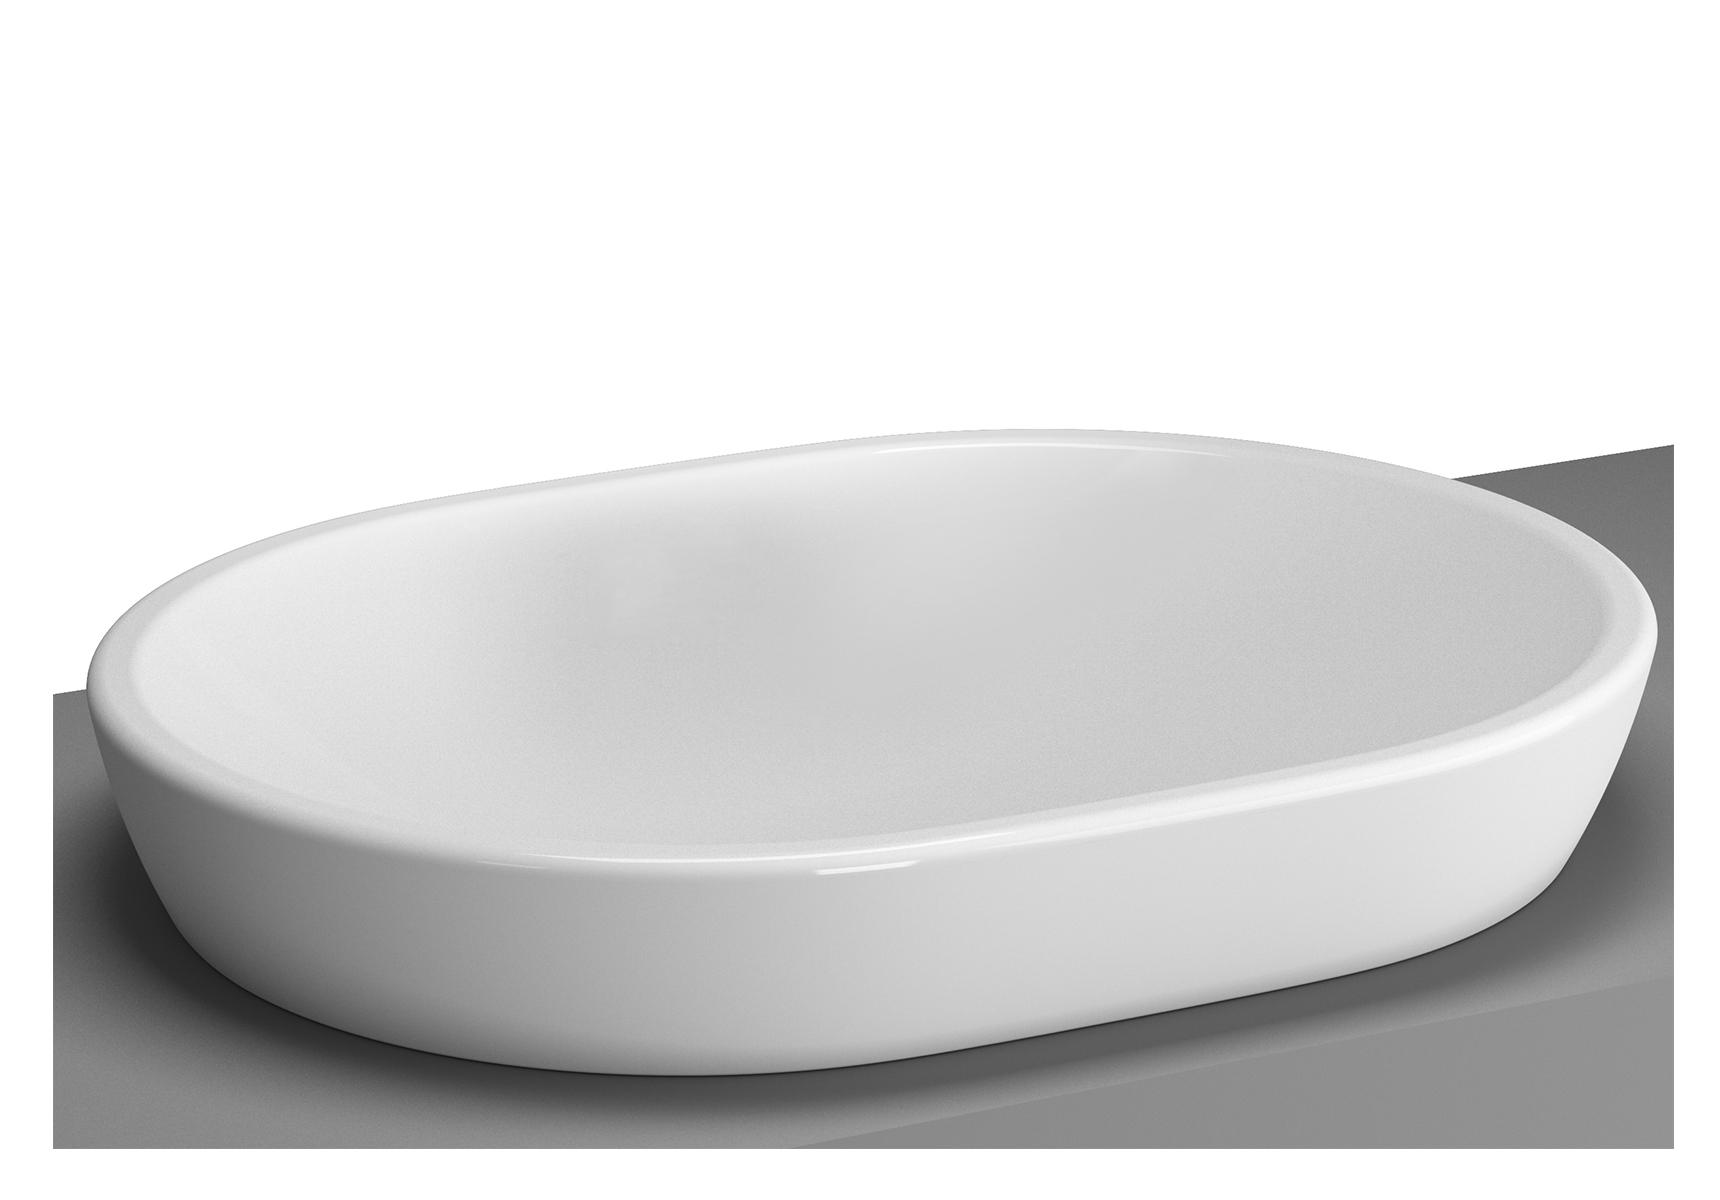 Metropole vasque à poser sur plan de toilette, 59,5 cm, sans trou, sans trop-plein